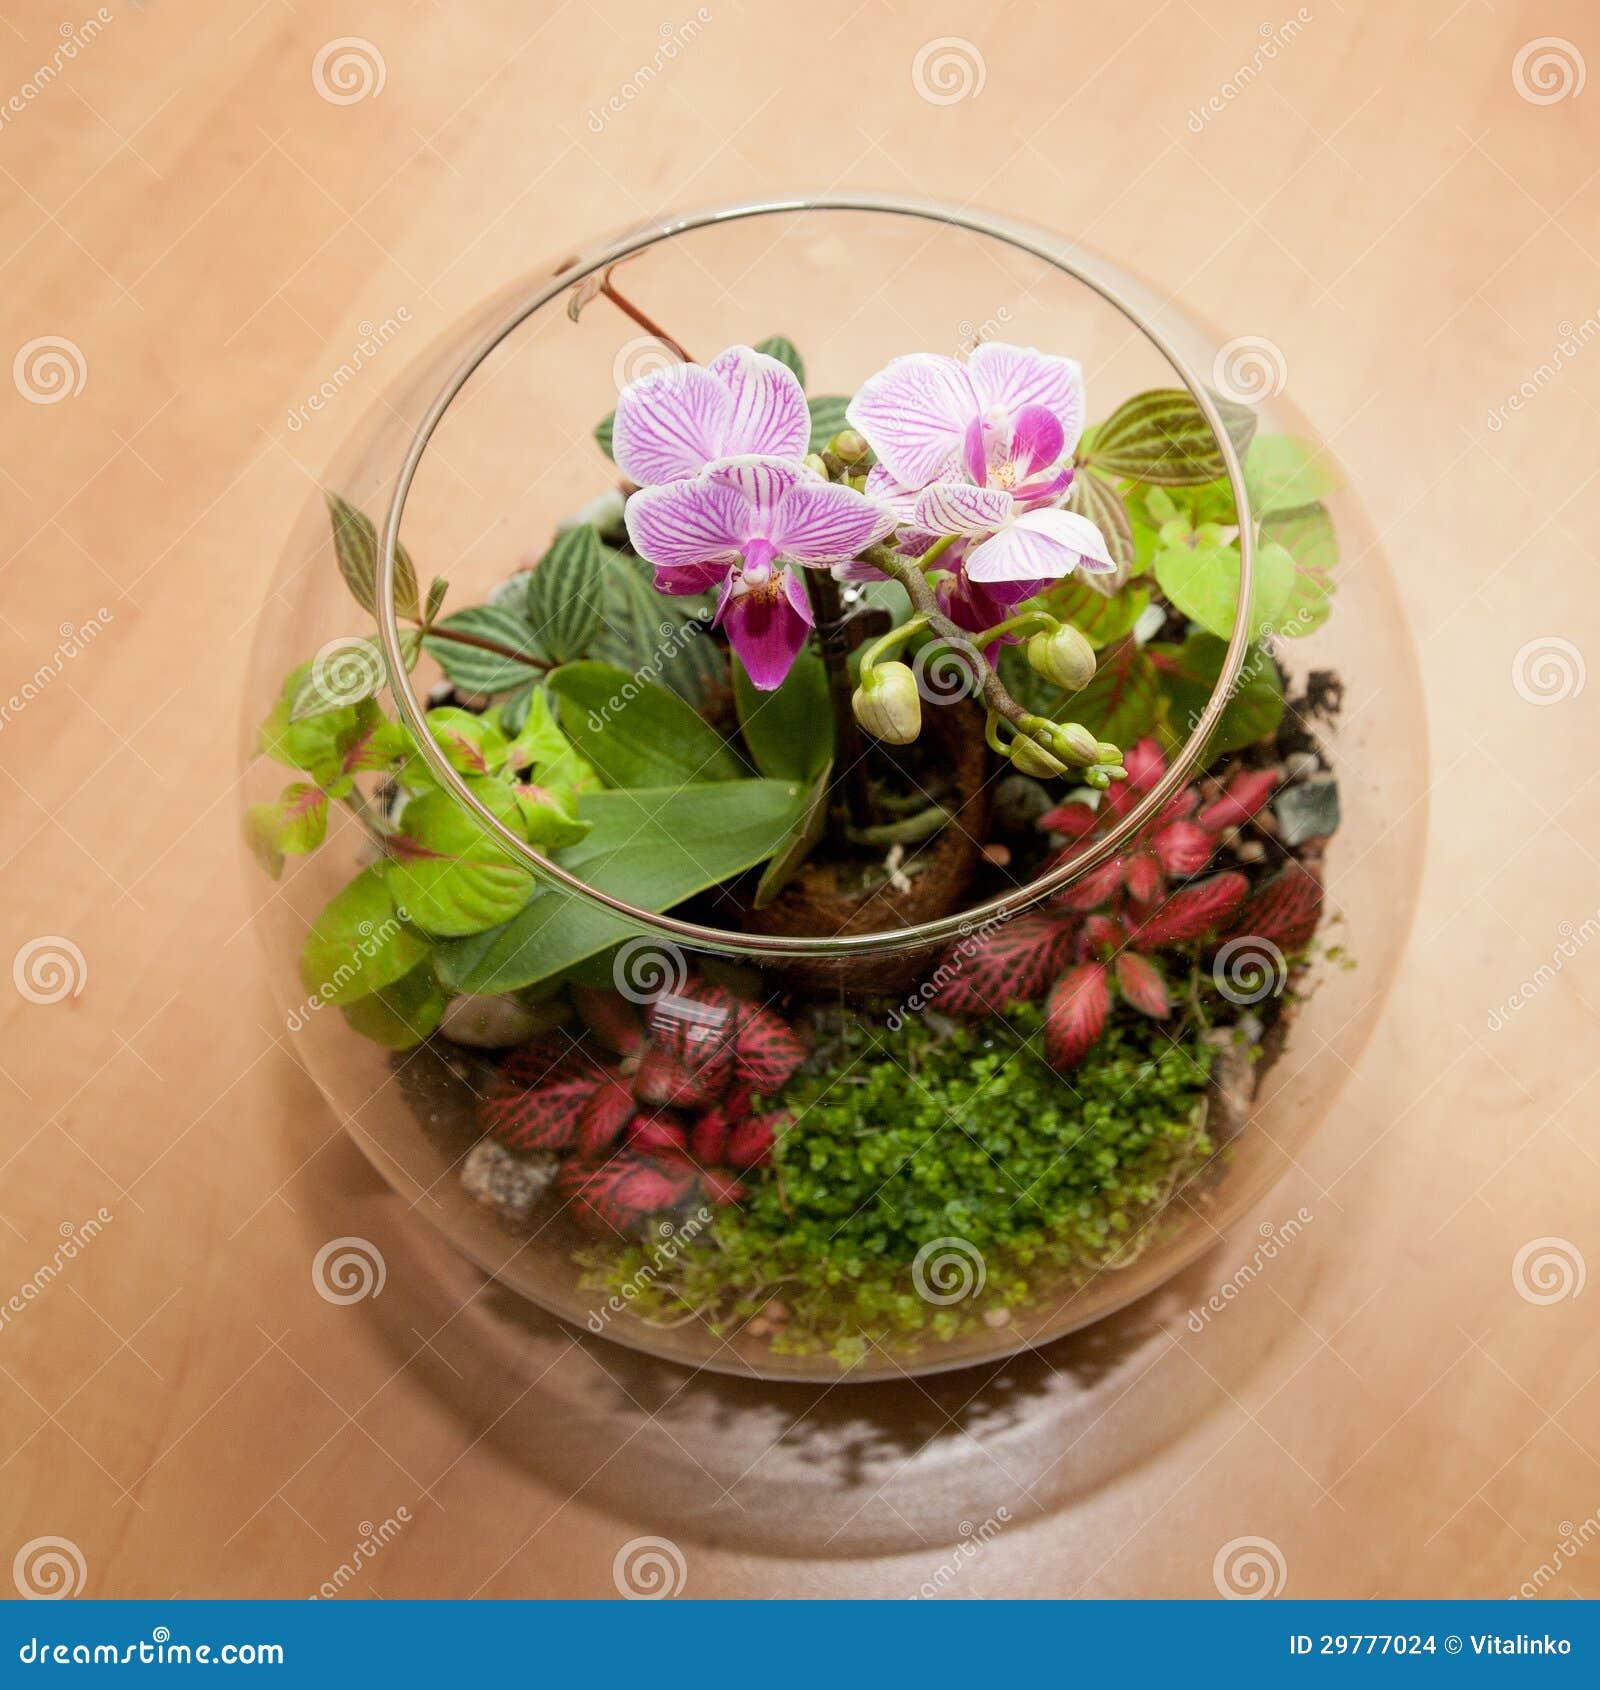 mini orchid 233 e et d autres usines de maison images stock image 29777024